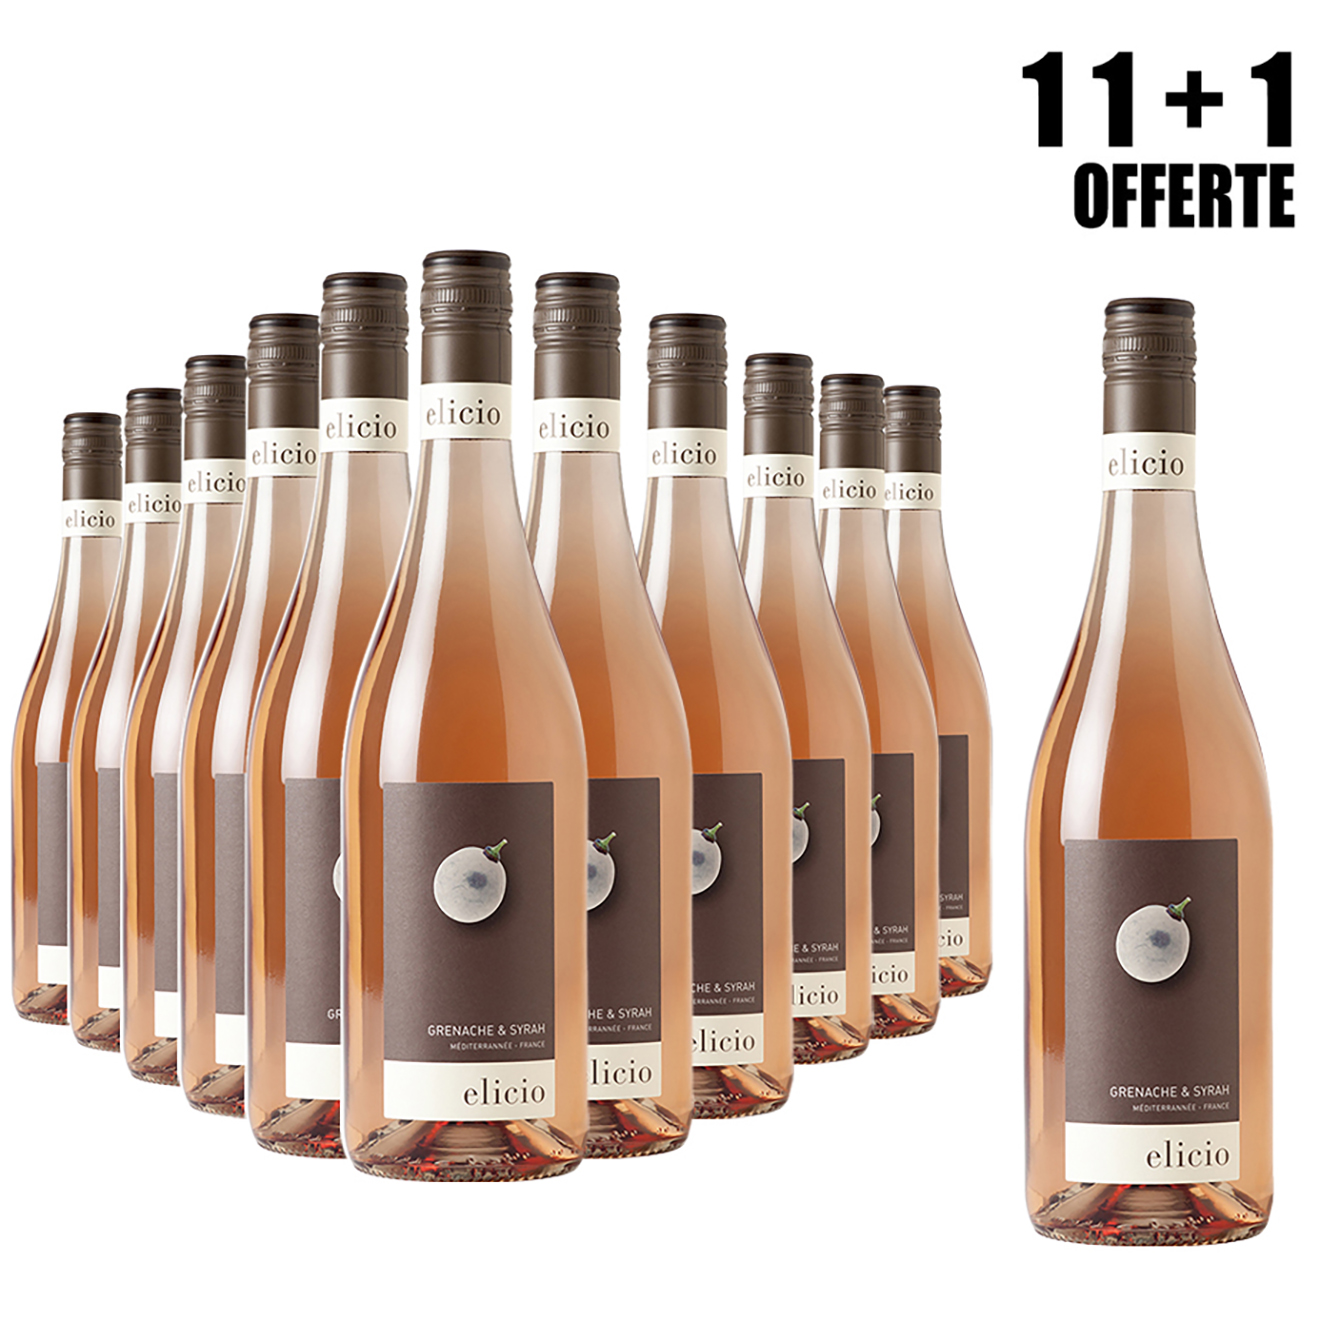 Lot de 11 IGP Méditerranée Rosé Elicio 2018 Cascavel 75cl + 1 Offerte